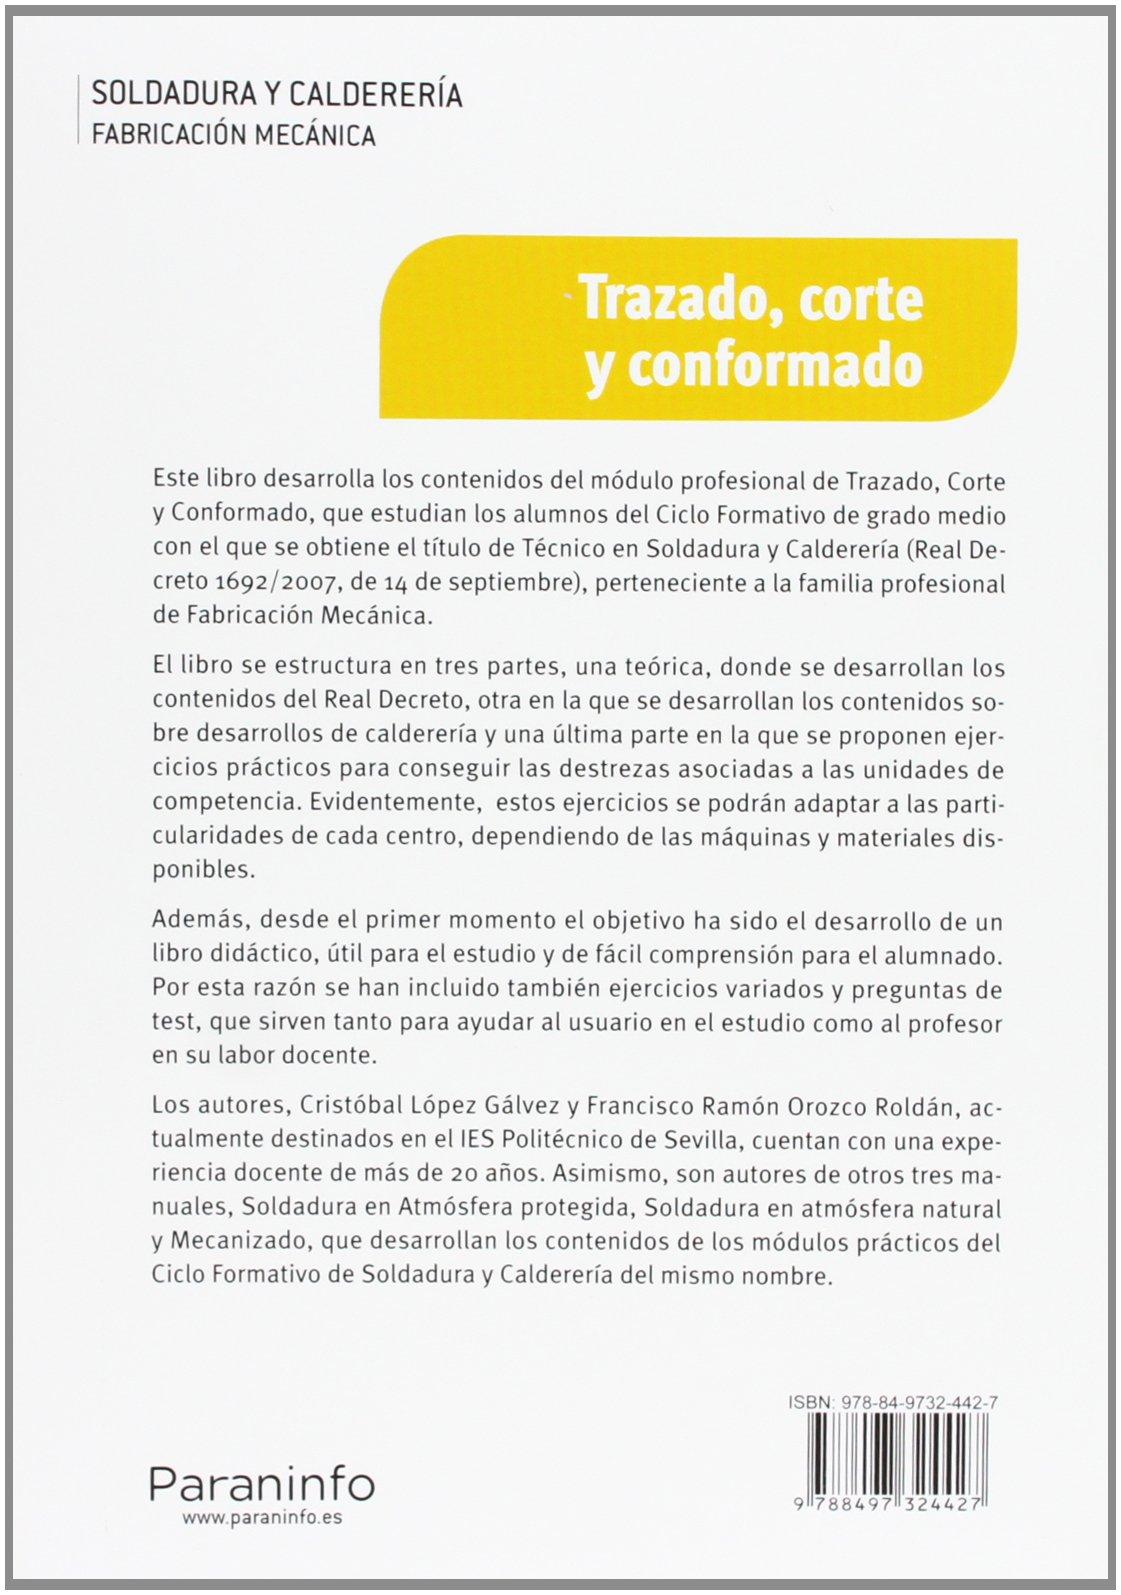 Certificados de profesionalidad. Soldadura y Calderería: Francisco Ramón, López Gálvez, Cristobal Orozco Roldán: 9788497324427: Amazon.com: Books